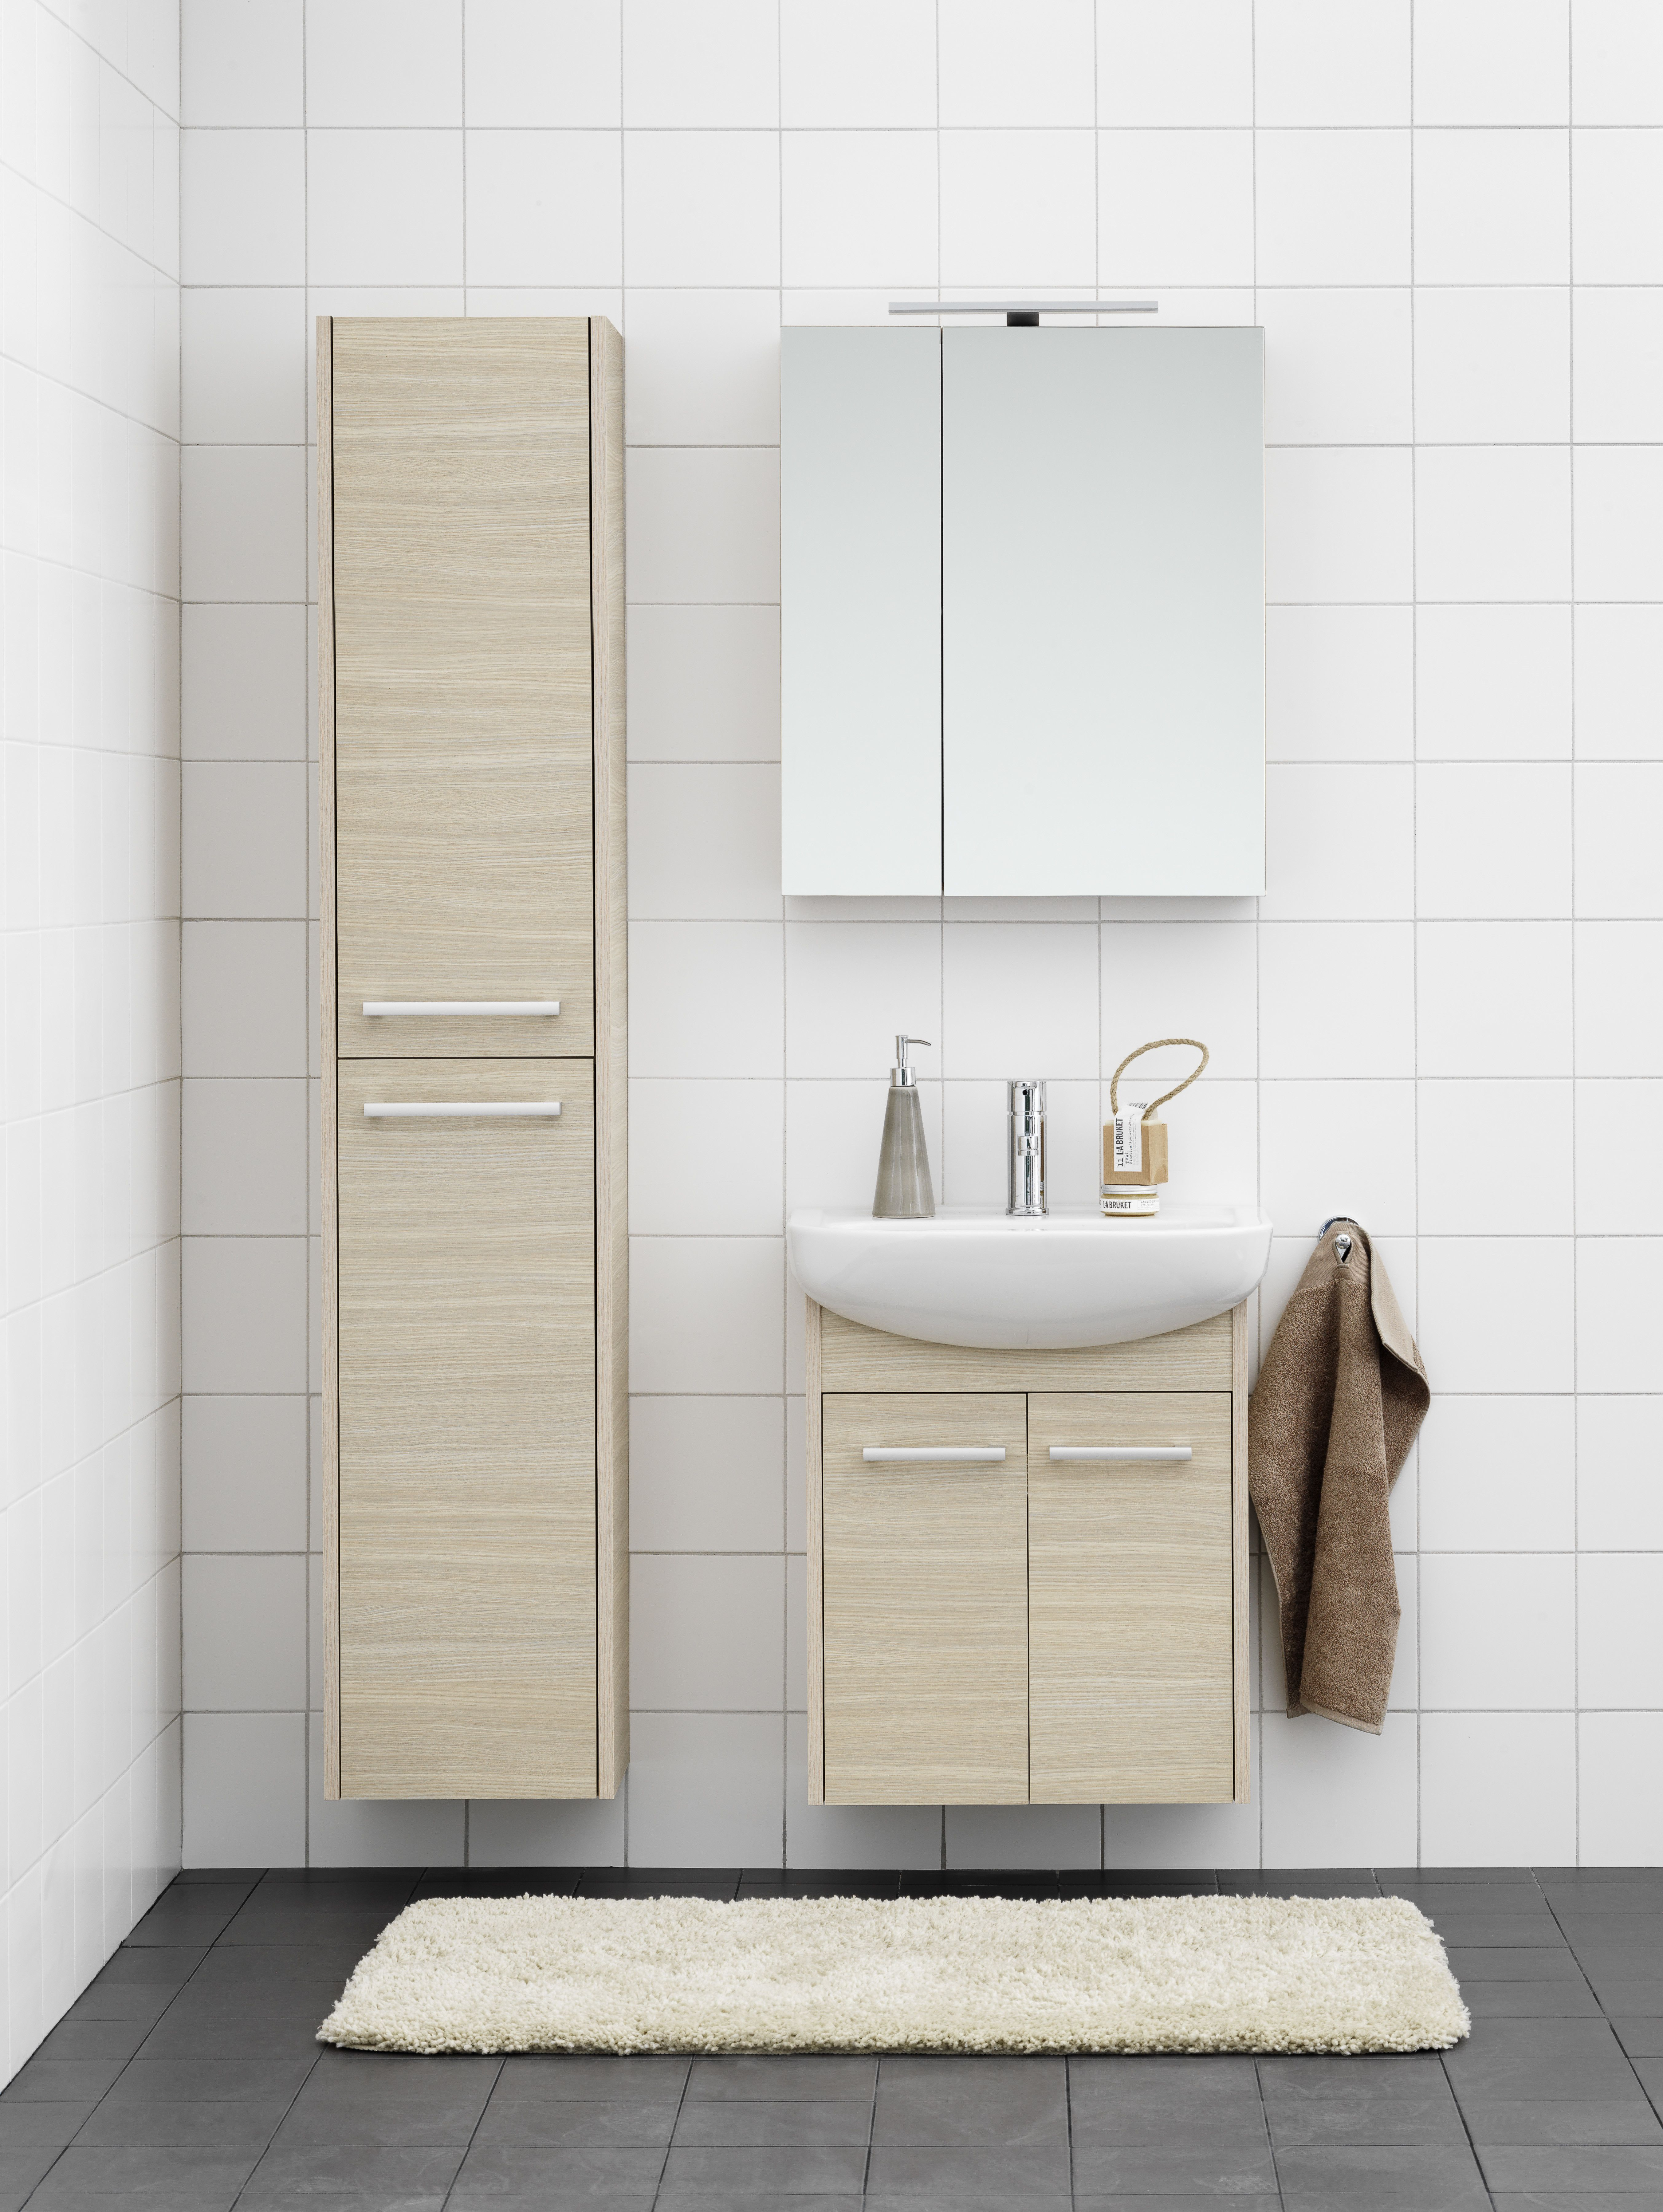 Badrumsskåp från badrumsserien Nordic u00b3 Komplett möbelpaket med skåp och tvättställ